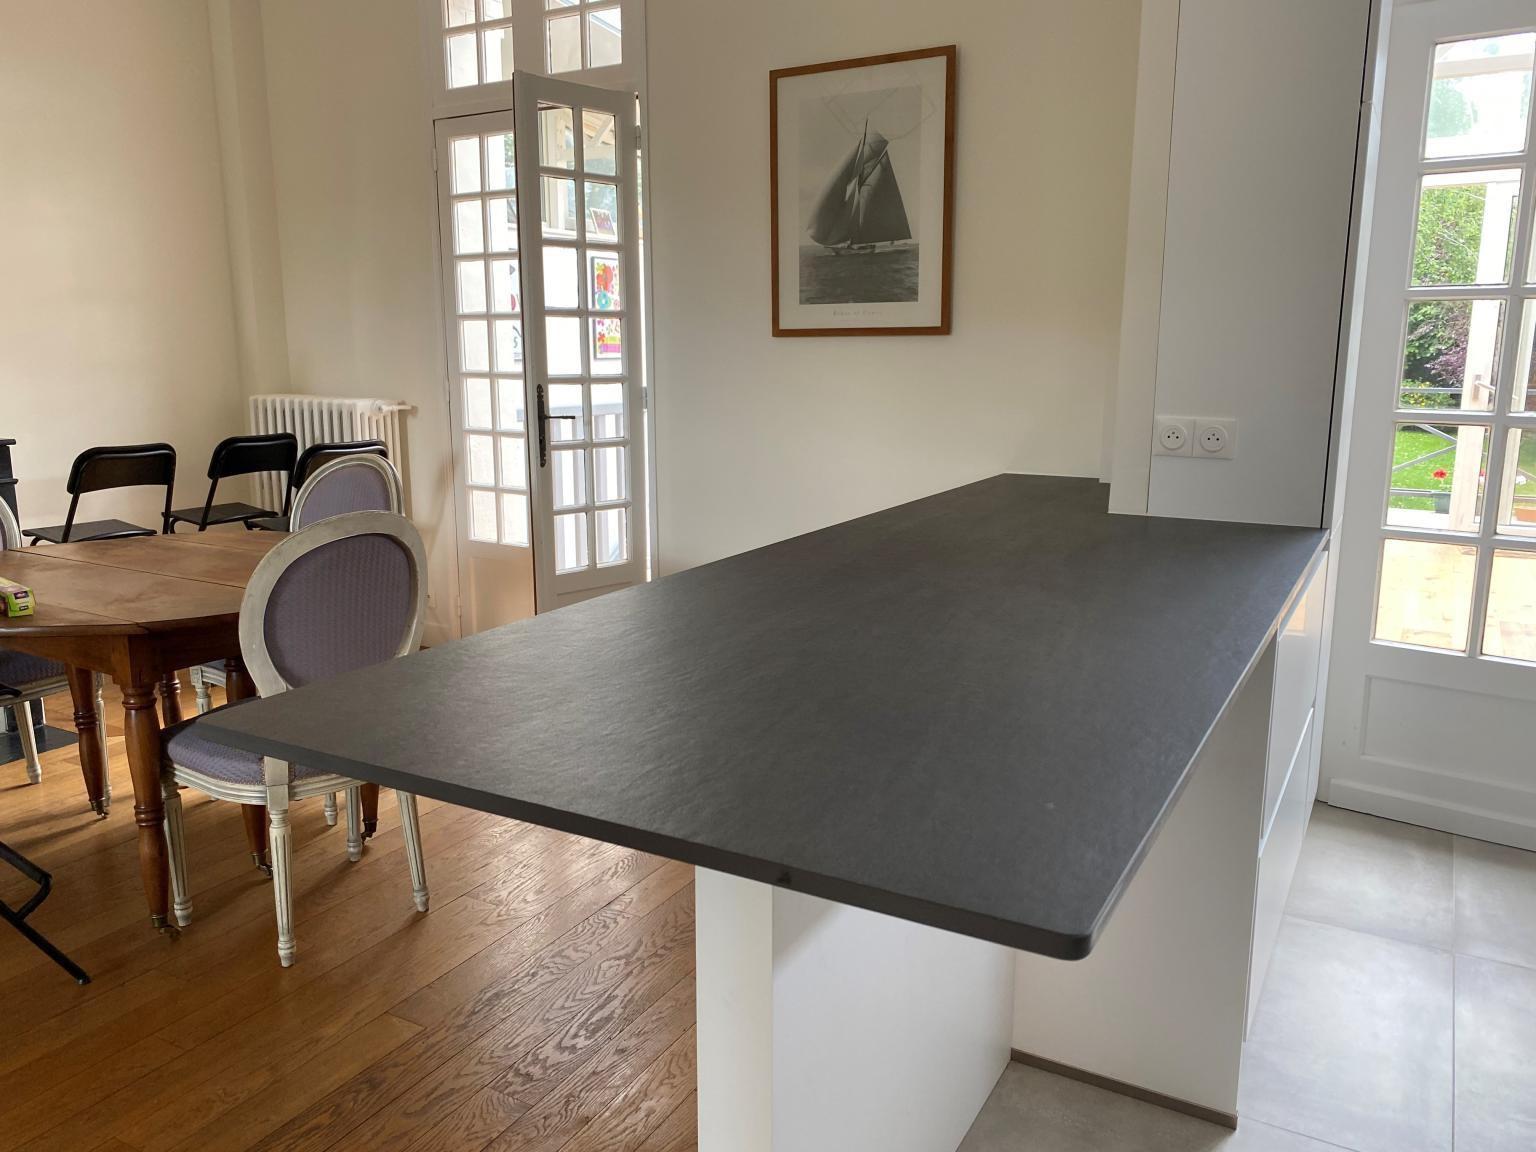 Plan-travail-cuisine-sur-mesure-mange-debout-marbrerie-dekton-STC-Paris